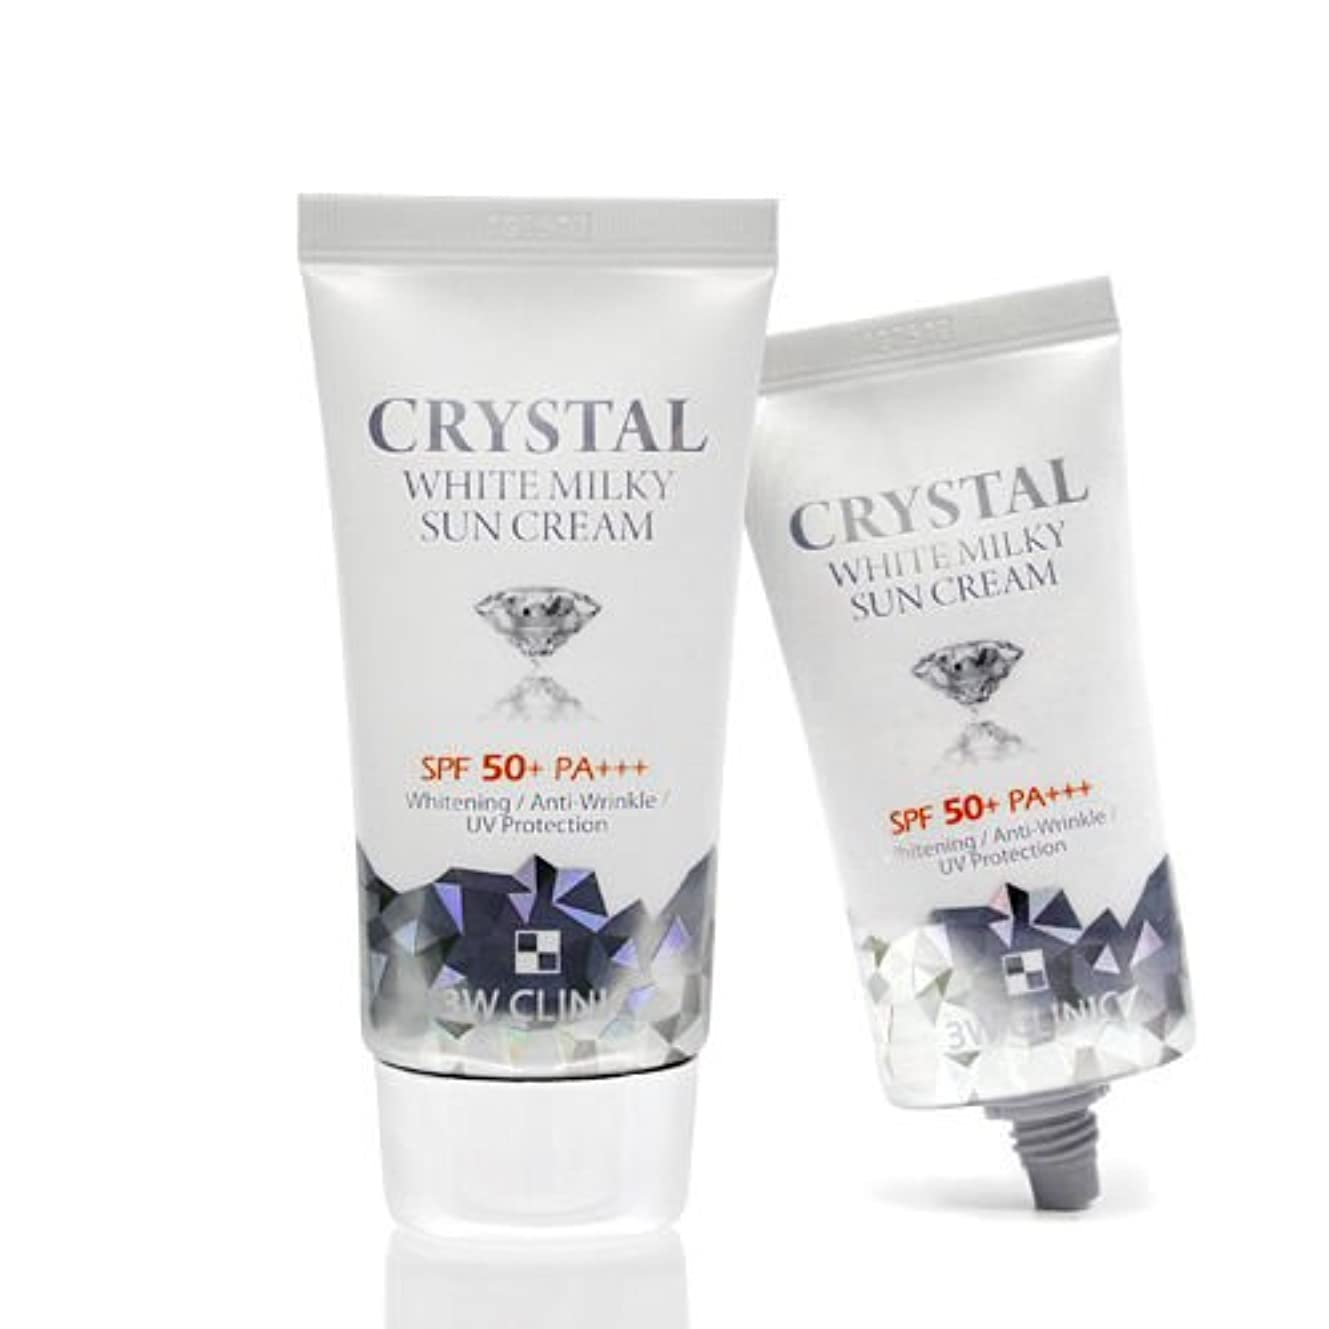 彫刻恋人ロッカー3Wクリニック[韓国コスメ3w Clinic]Crystal White Milky Sun Cream クリスタルホワイトミルキー 日焼け止めクリーム50ml[並行輸入品]